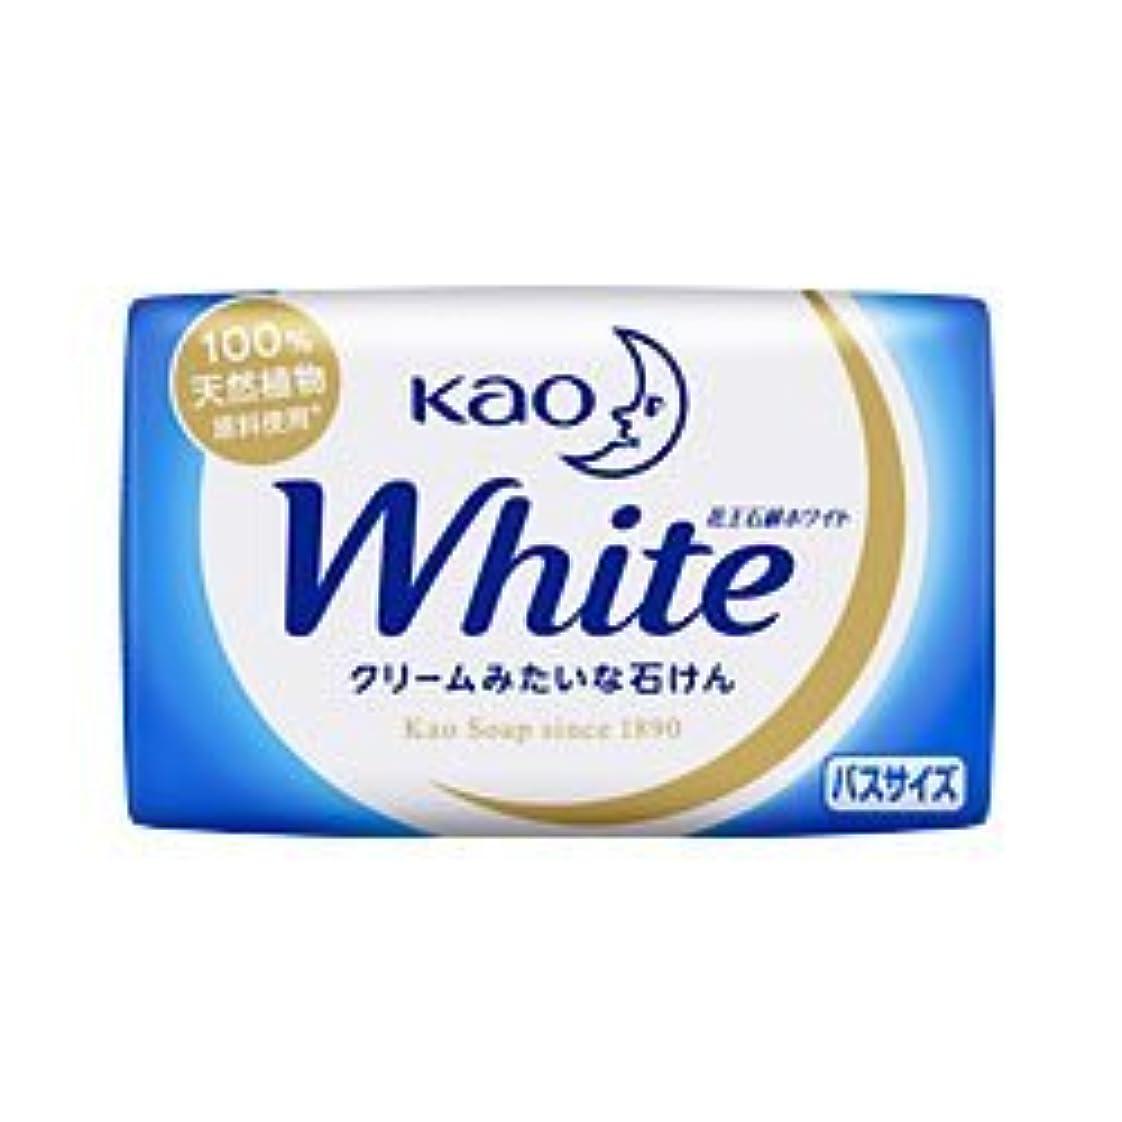 爆風ジュース領域【花王】花王ホワイト バスサイズ 1個 130g ×20個セット